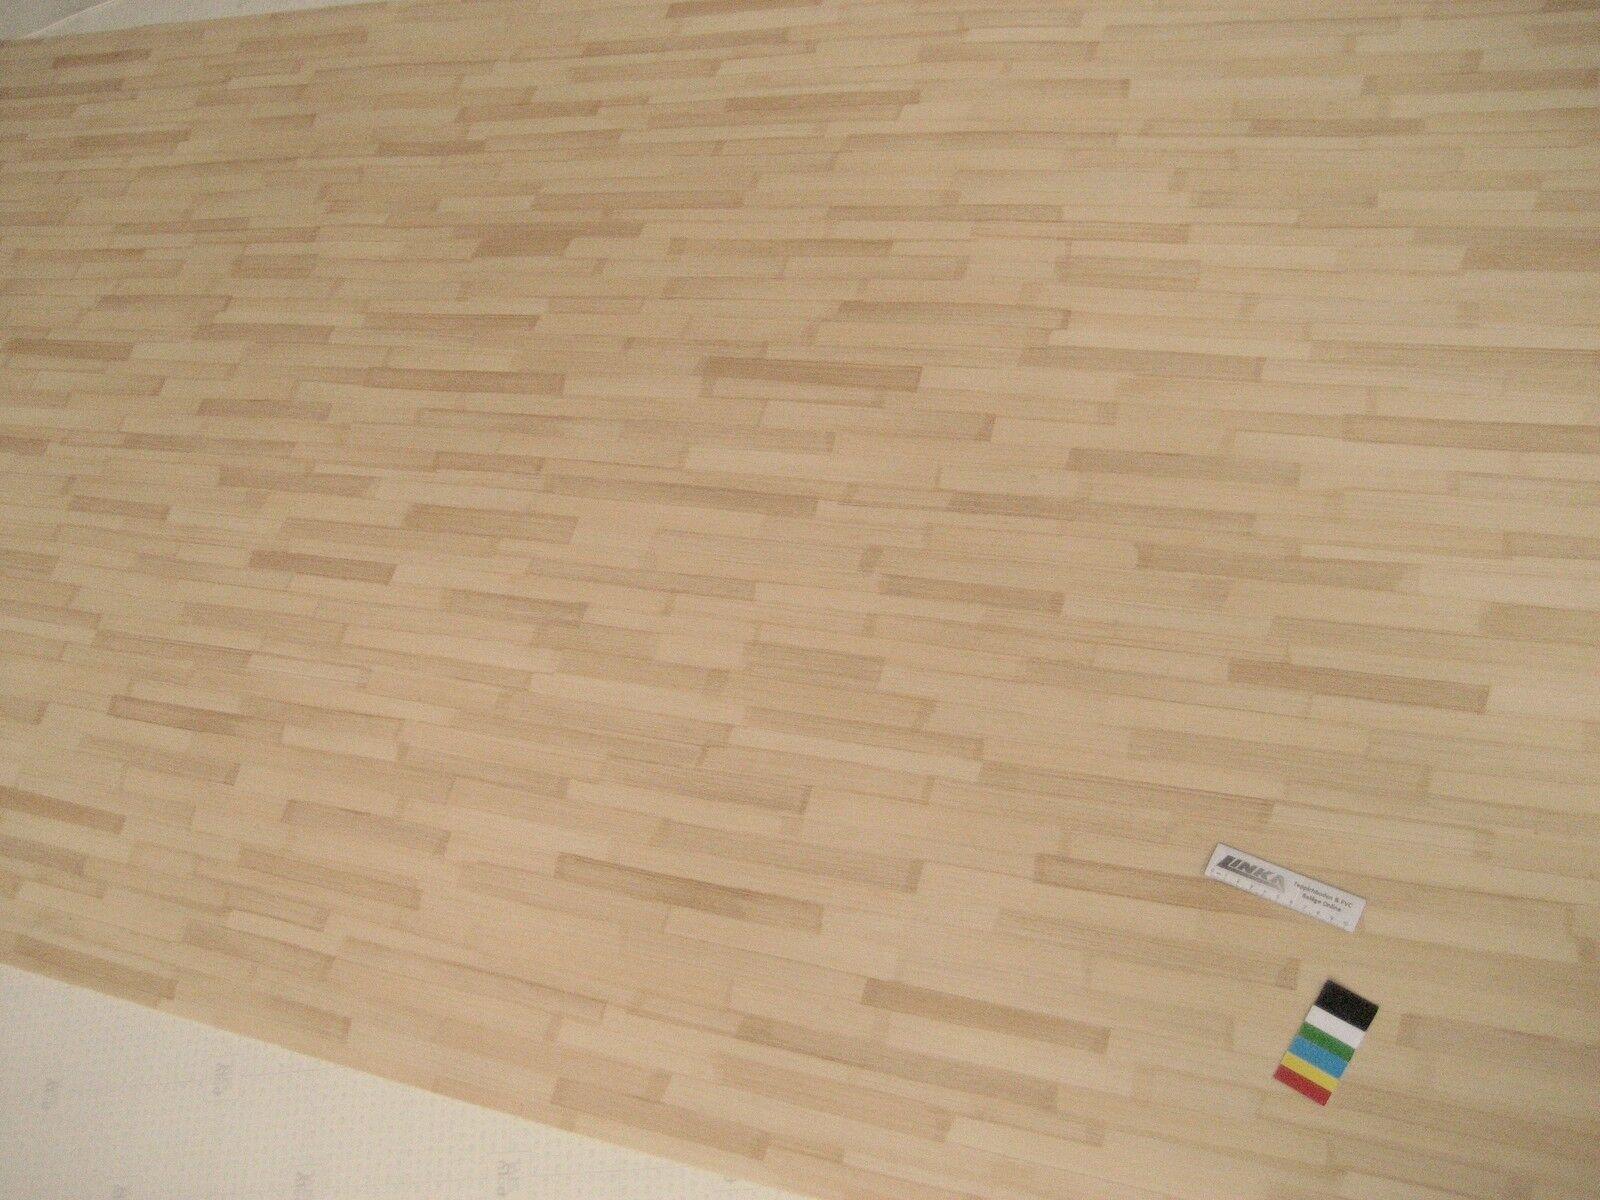 6839 PVC Belag bambus 418x100 cm Bodenbelag Rest CV Boden Restrolle ausgefallen